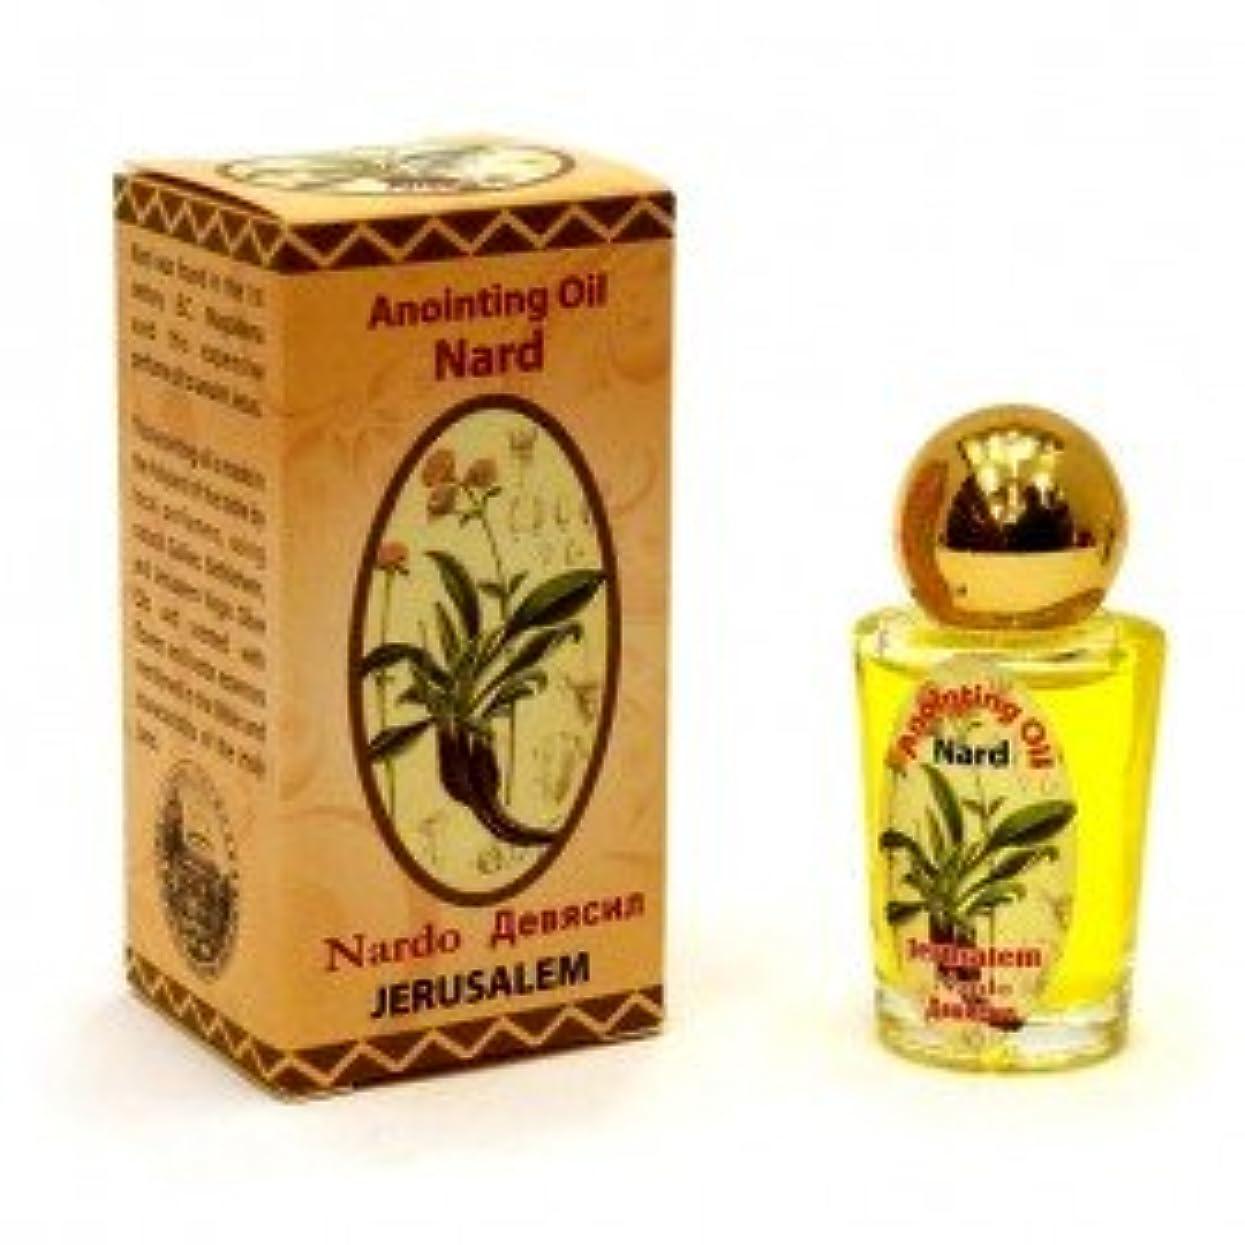 量診断する親密なHoly Land Blessed Anointingオイル30 ml Biblical Fragrance Jerusalem byベツレヘムギフトTM